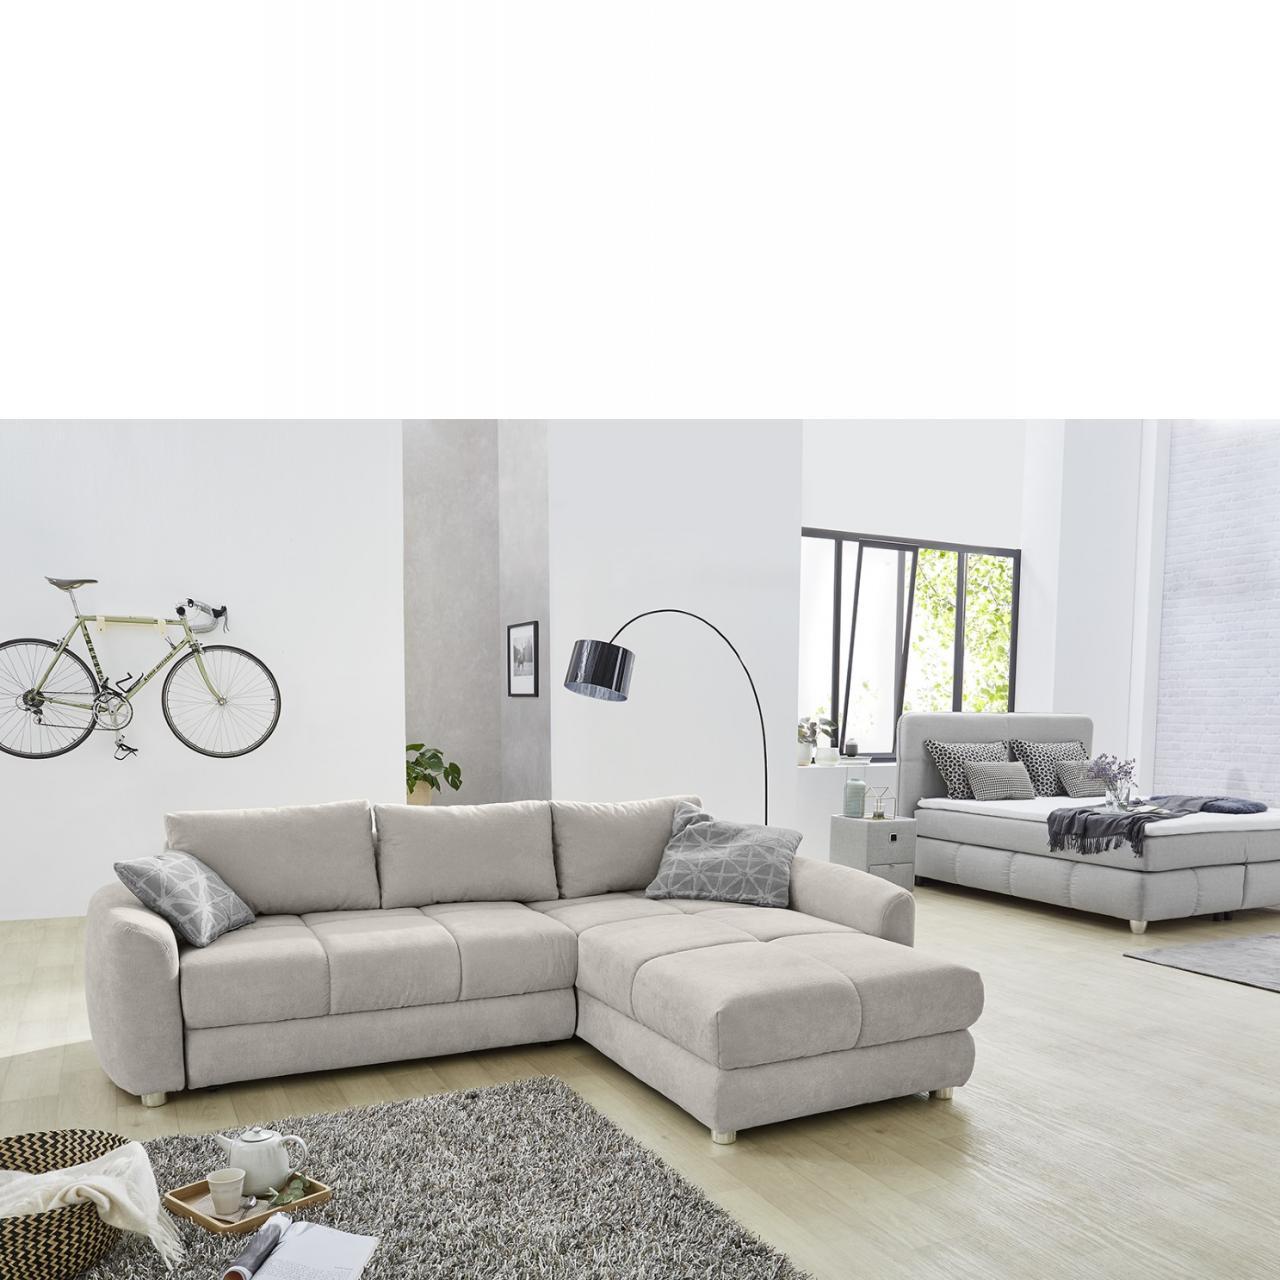 wohnlandschaft cremona wohnlandschaft polsterm bel m bel j hnichen center gmbh. Black Bedroom Furniture Sets. Home Design Ideas